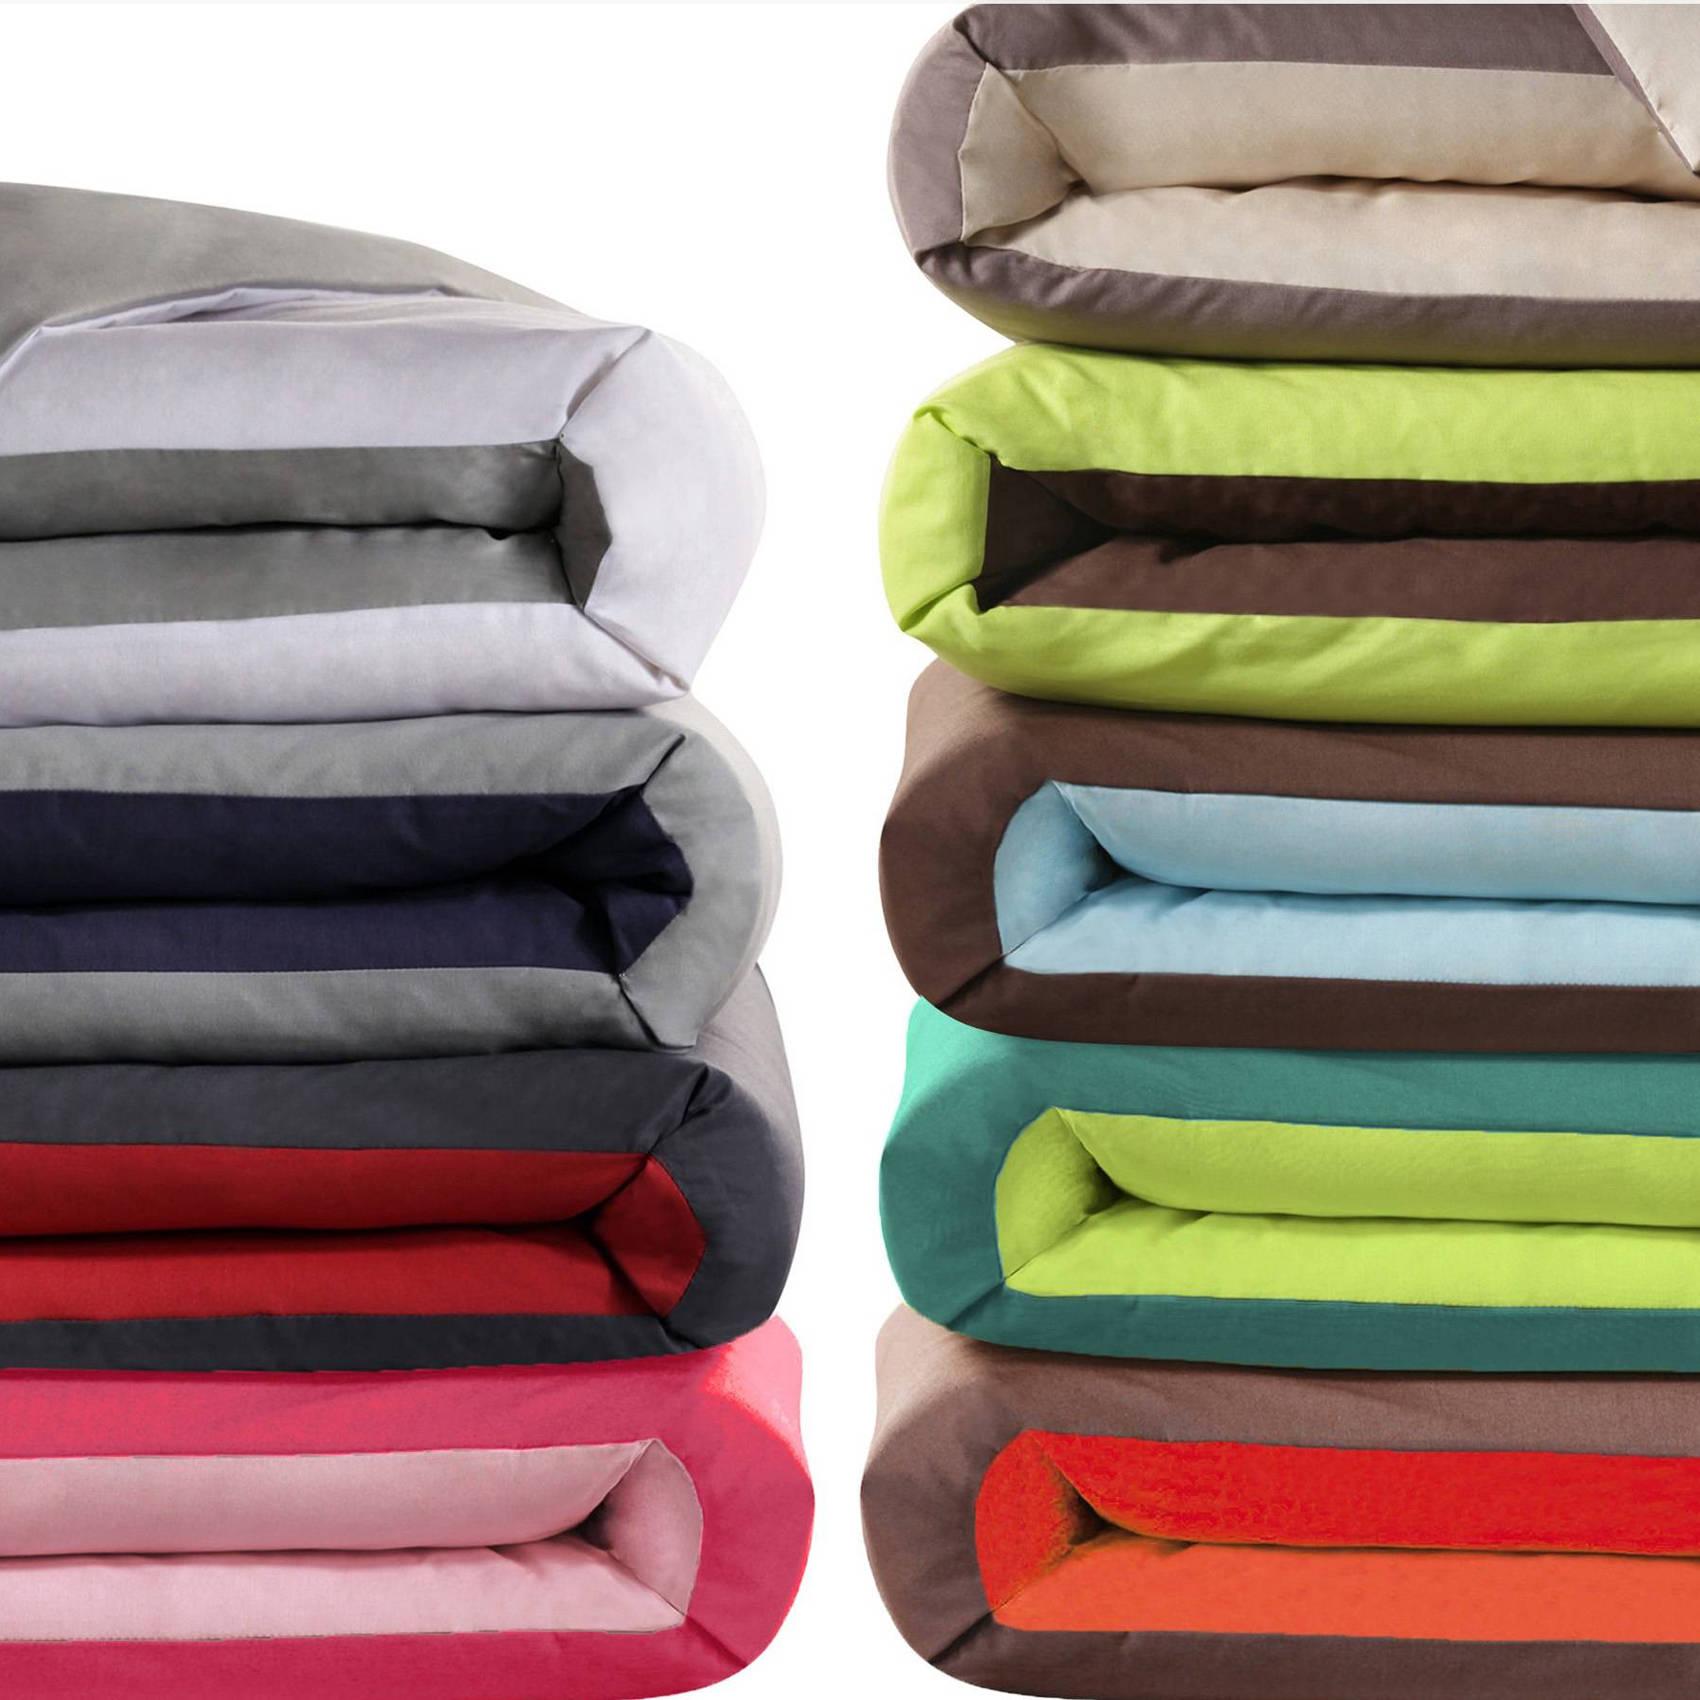 housse de couette coton bicolore b b enfant une personne. Black Bedroom Furniture Sets. Home Design Ideas